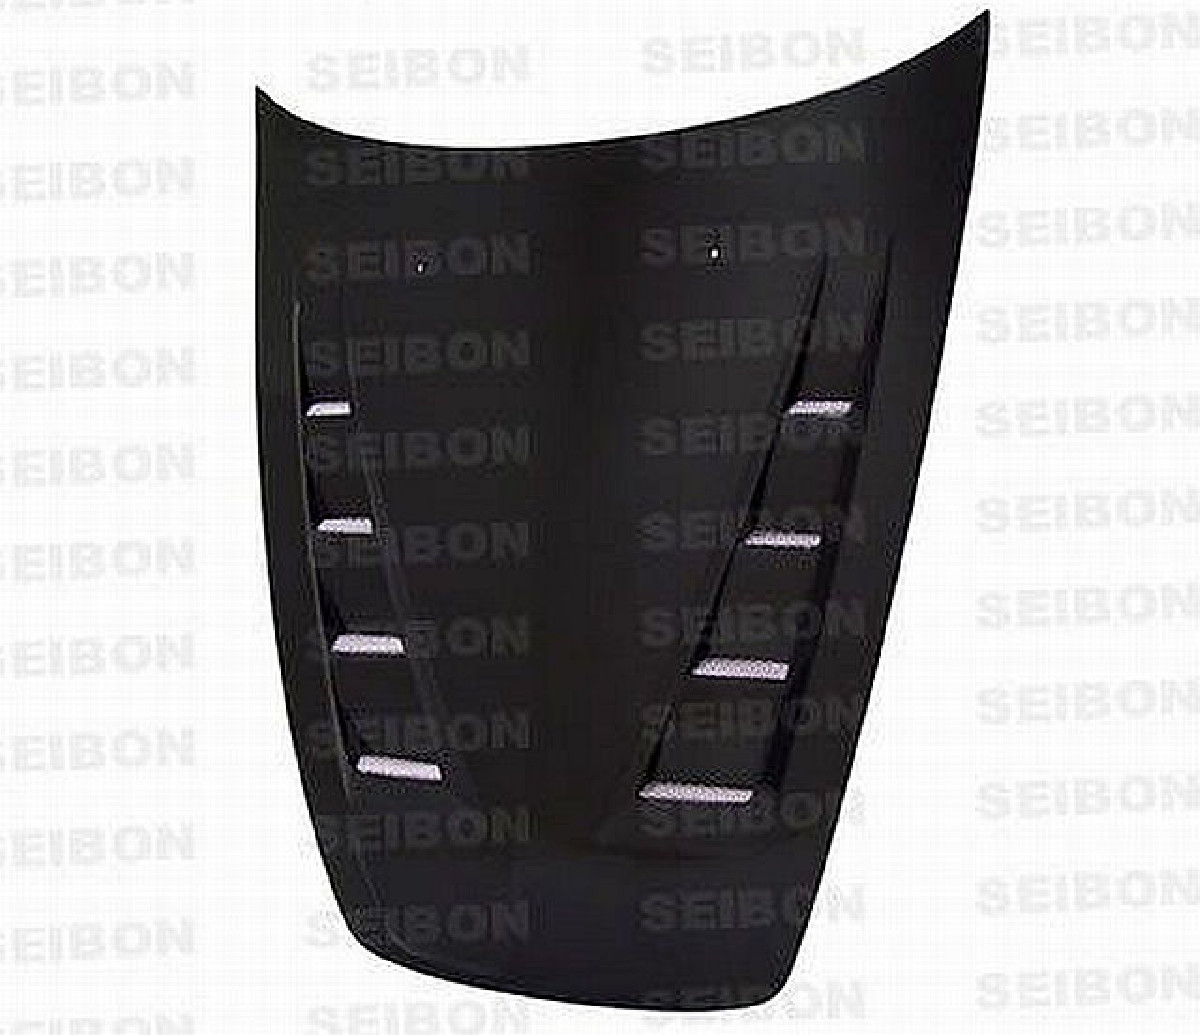 Seibon Carbon Motorhaube Honda S2000 Bj. 00-06